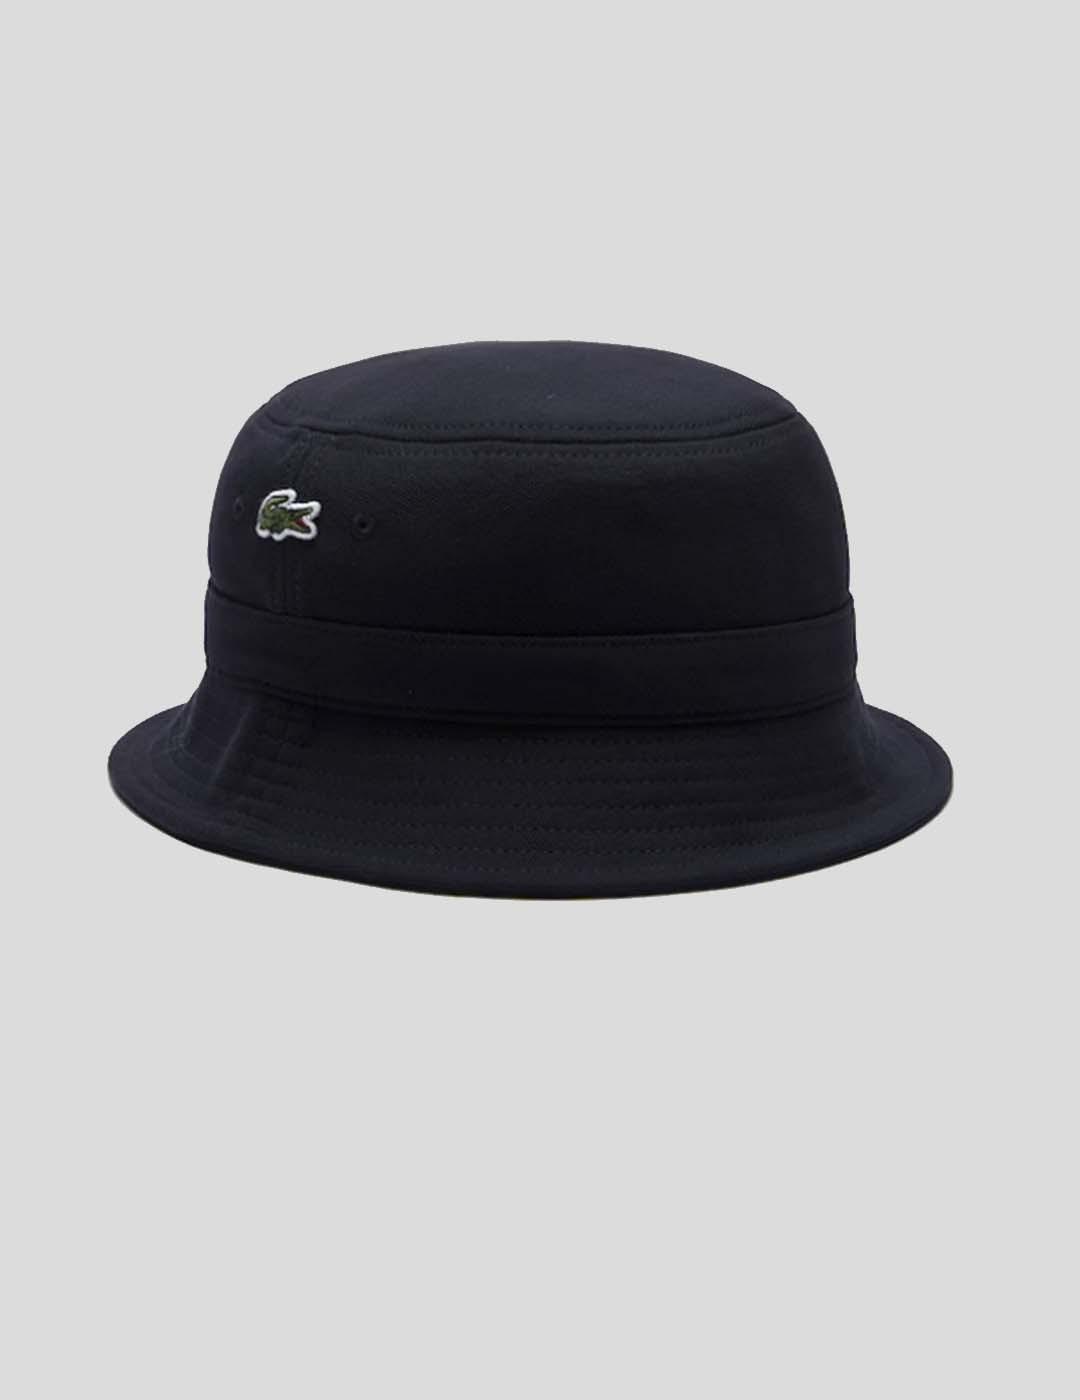 GORRO LACOSTE RK2056 BUCKET HAT ABIMES